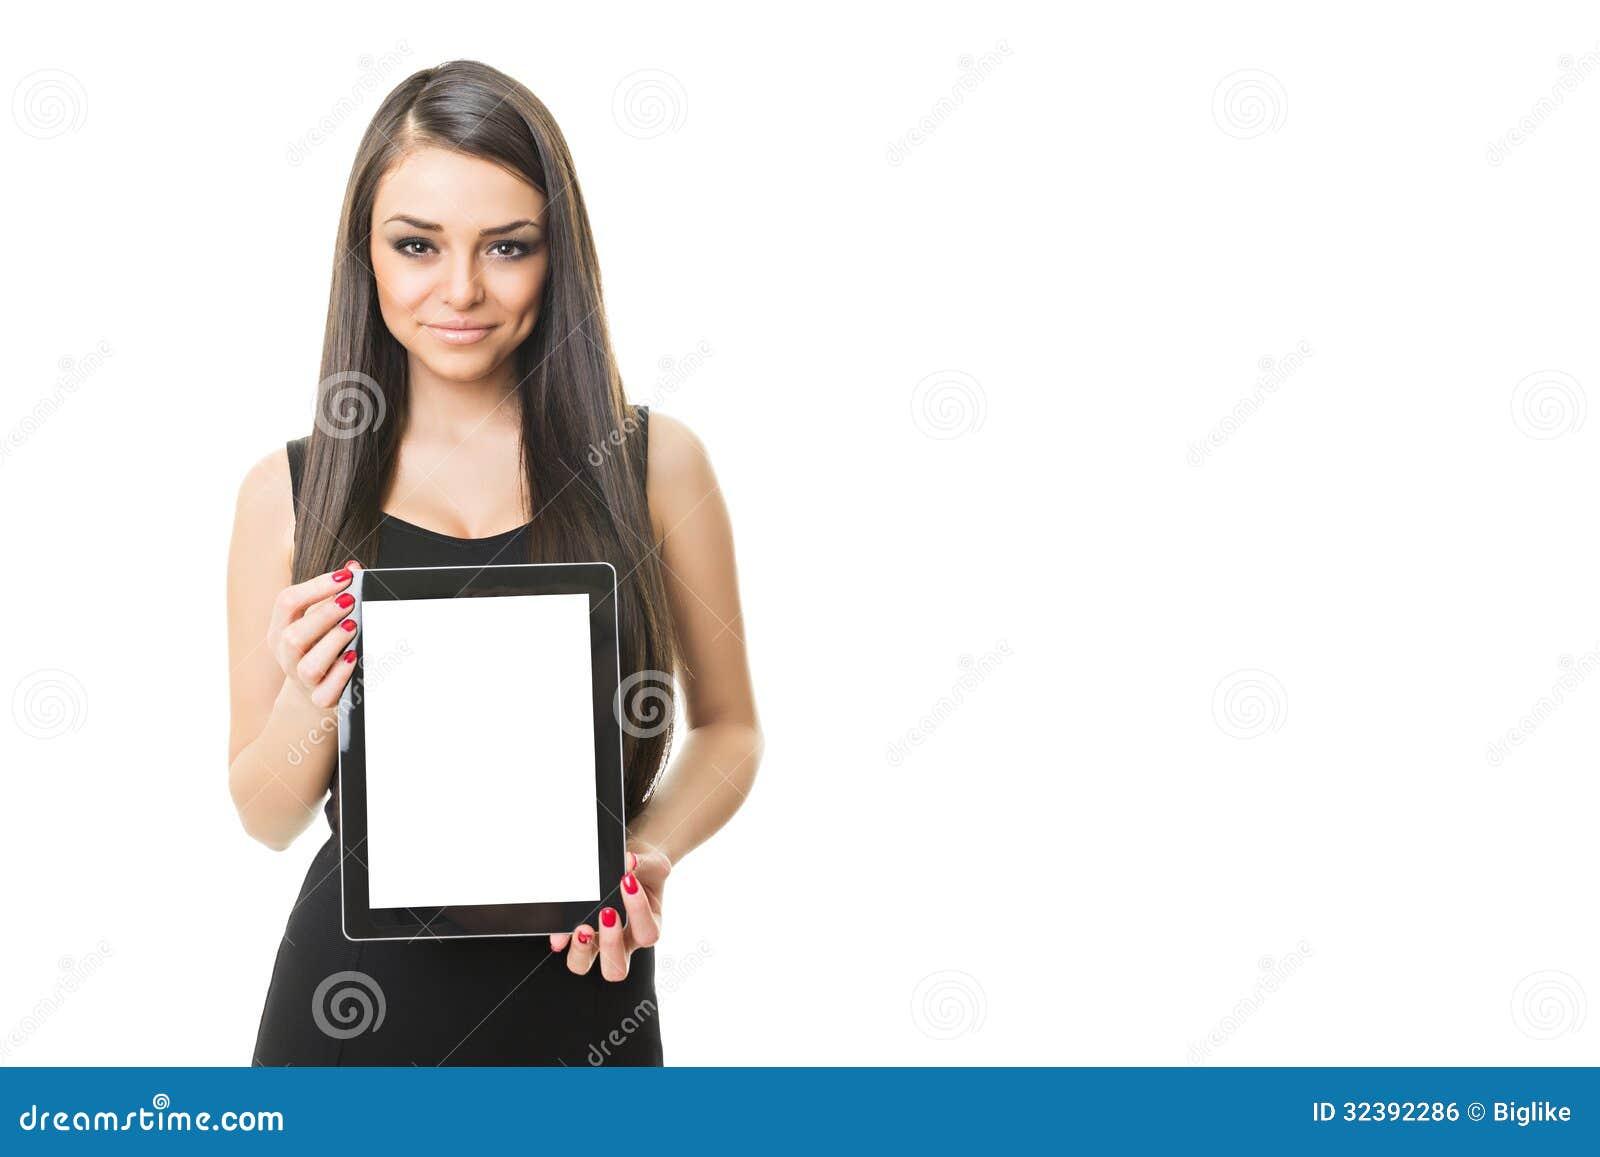 Πανέμορφη επιχειρηματίας που παρουσιάζει υπολογιστή ταμπλετών